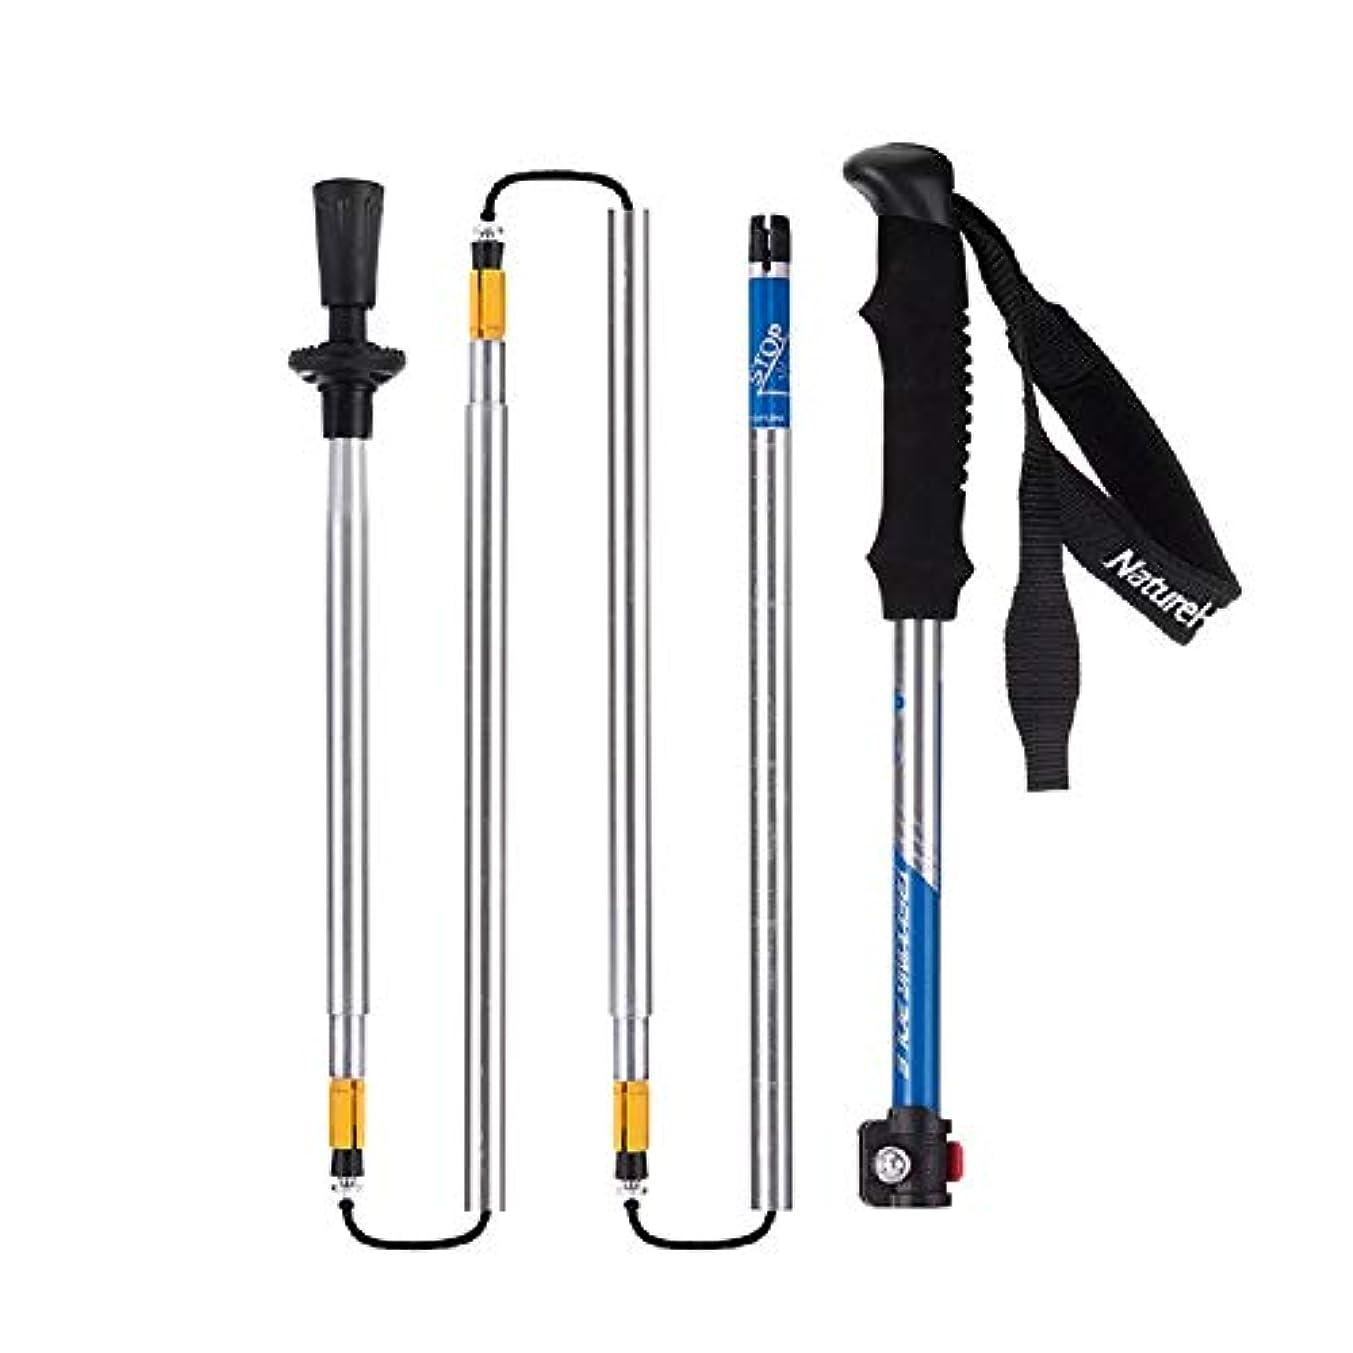 出来事タッチ左NatureHike超軽量EVAは、屋外1PC NH15A023-Zのためにスティックトレッキングポール登山杖をウォーキング5節調整杖ハンドル